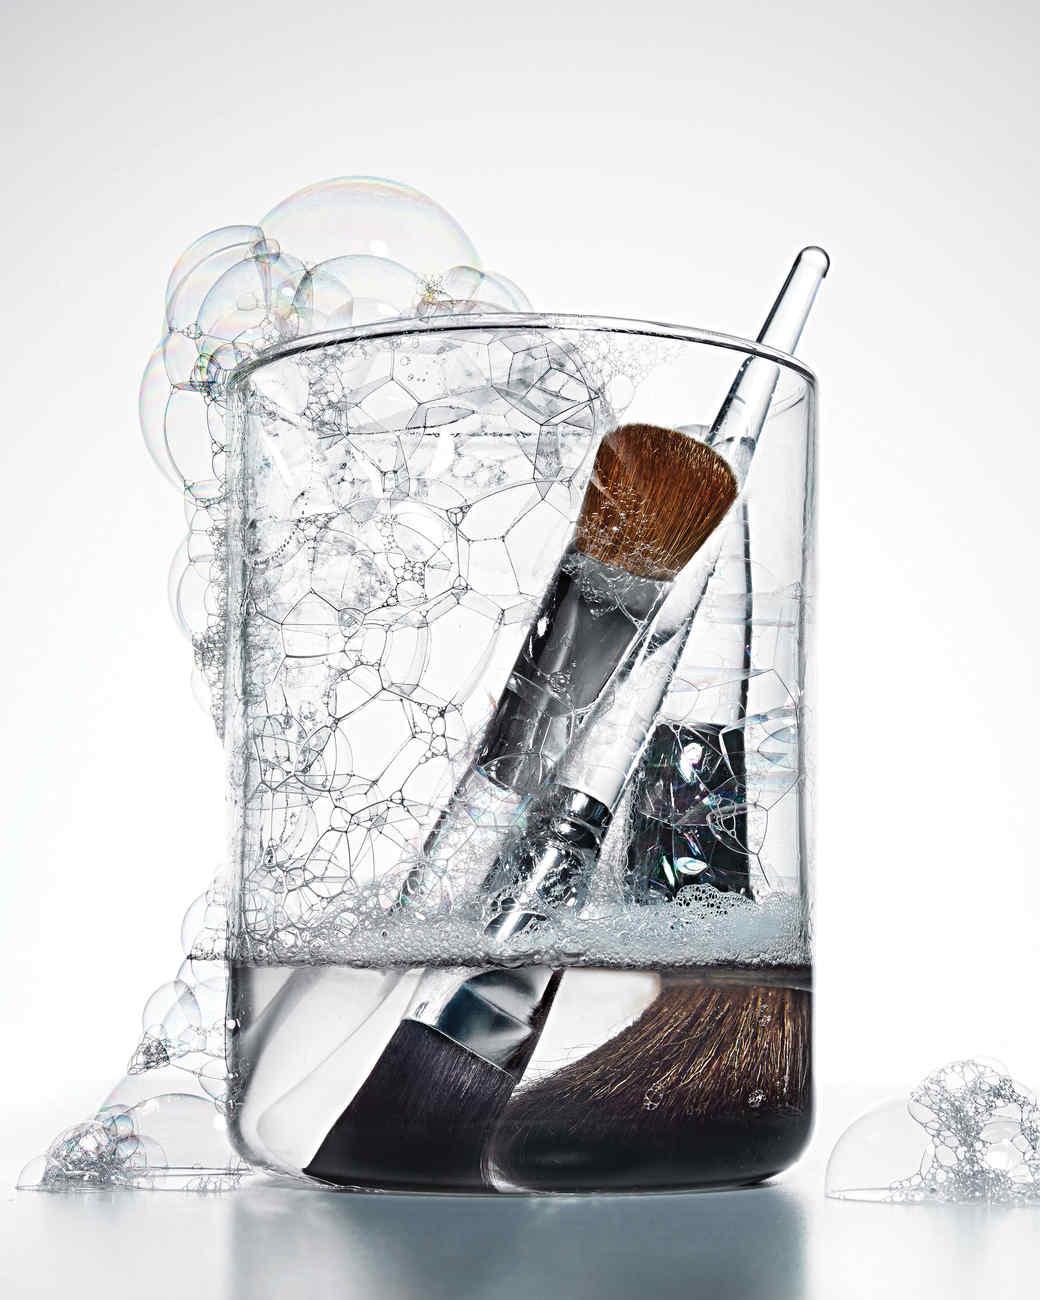 beauty-opener-glass-257-d112773-0416.jpg